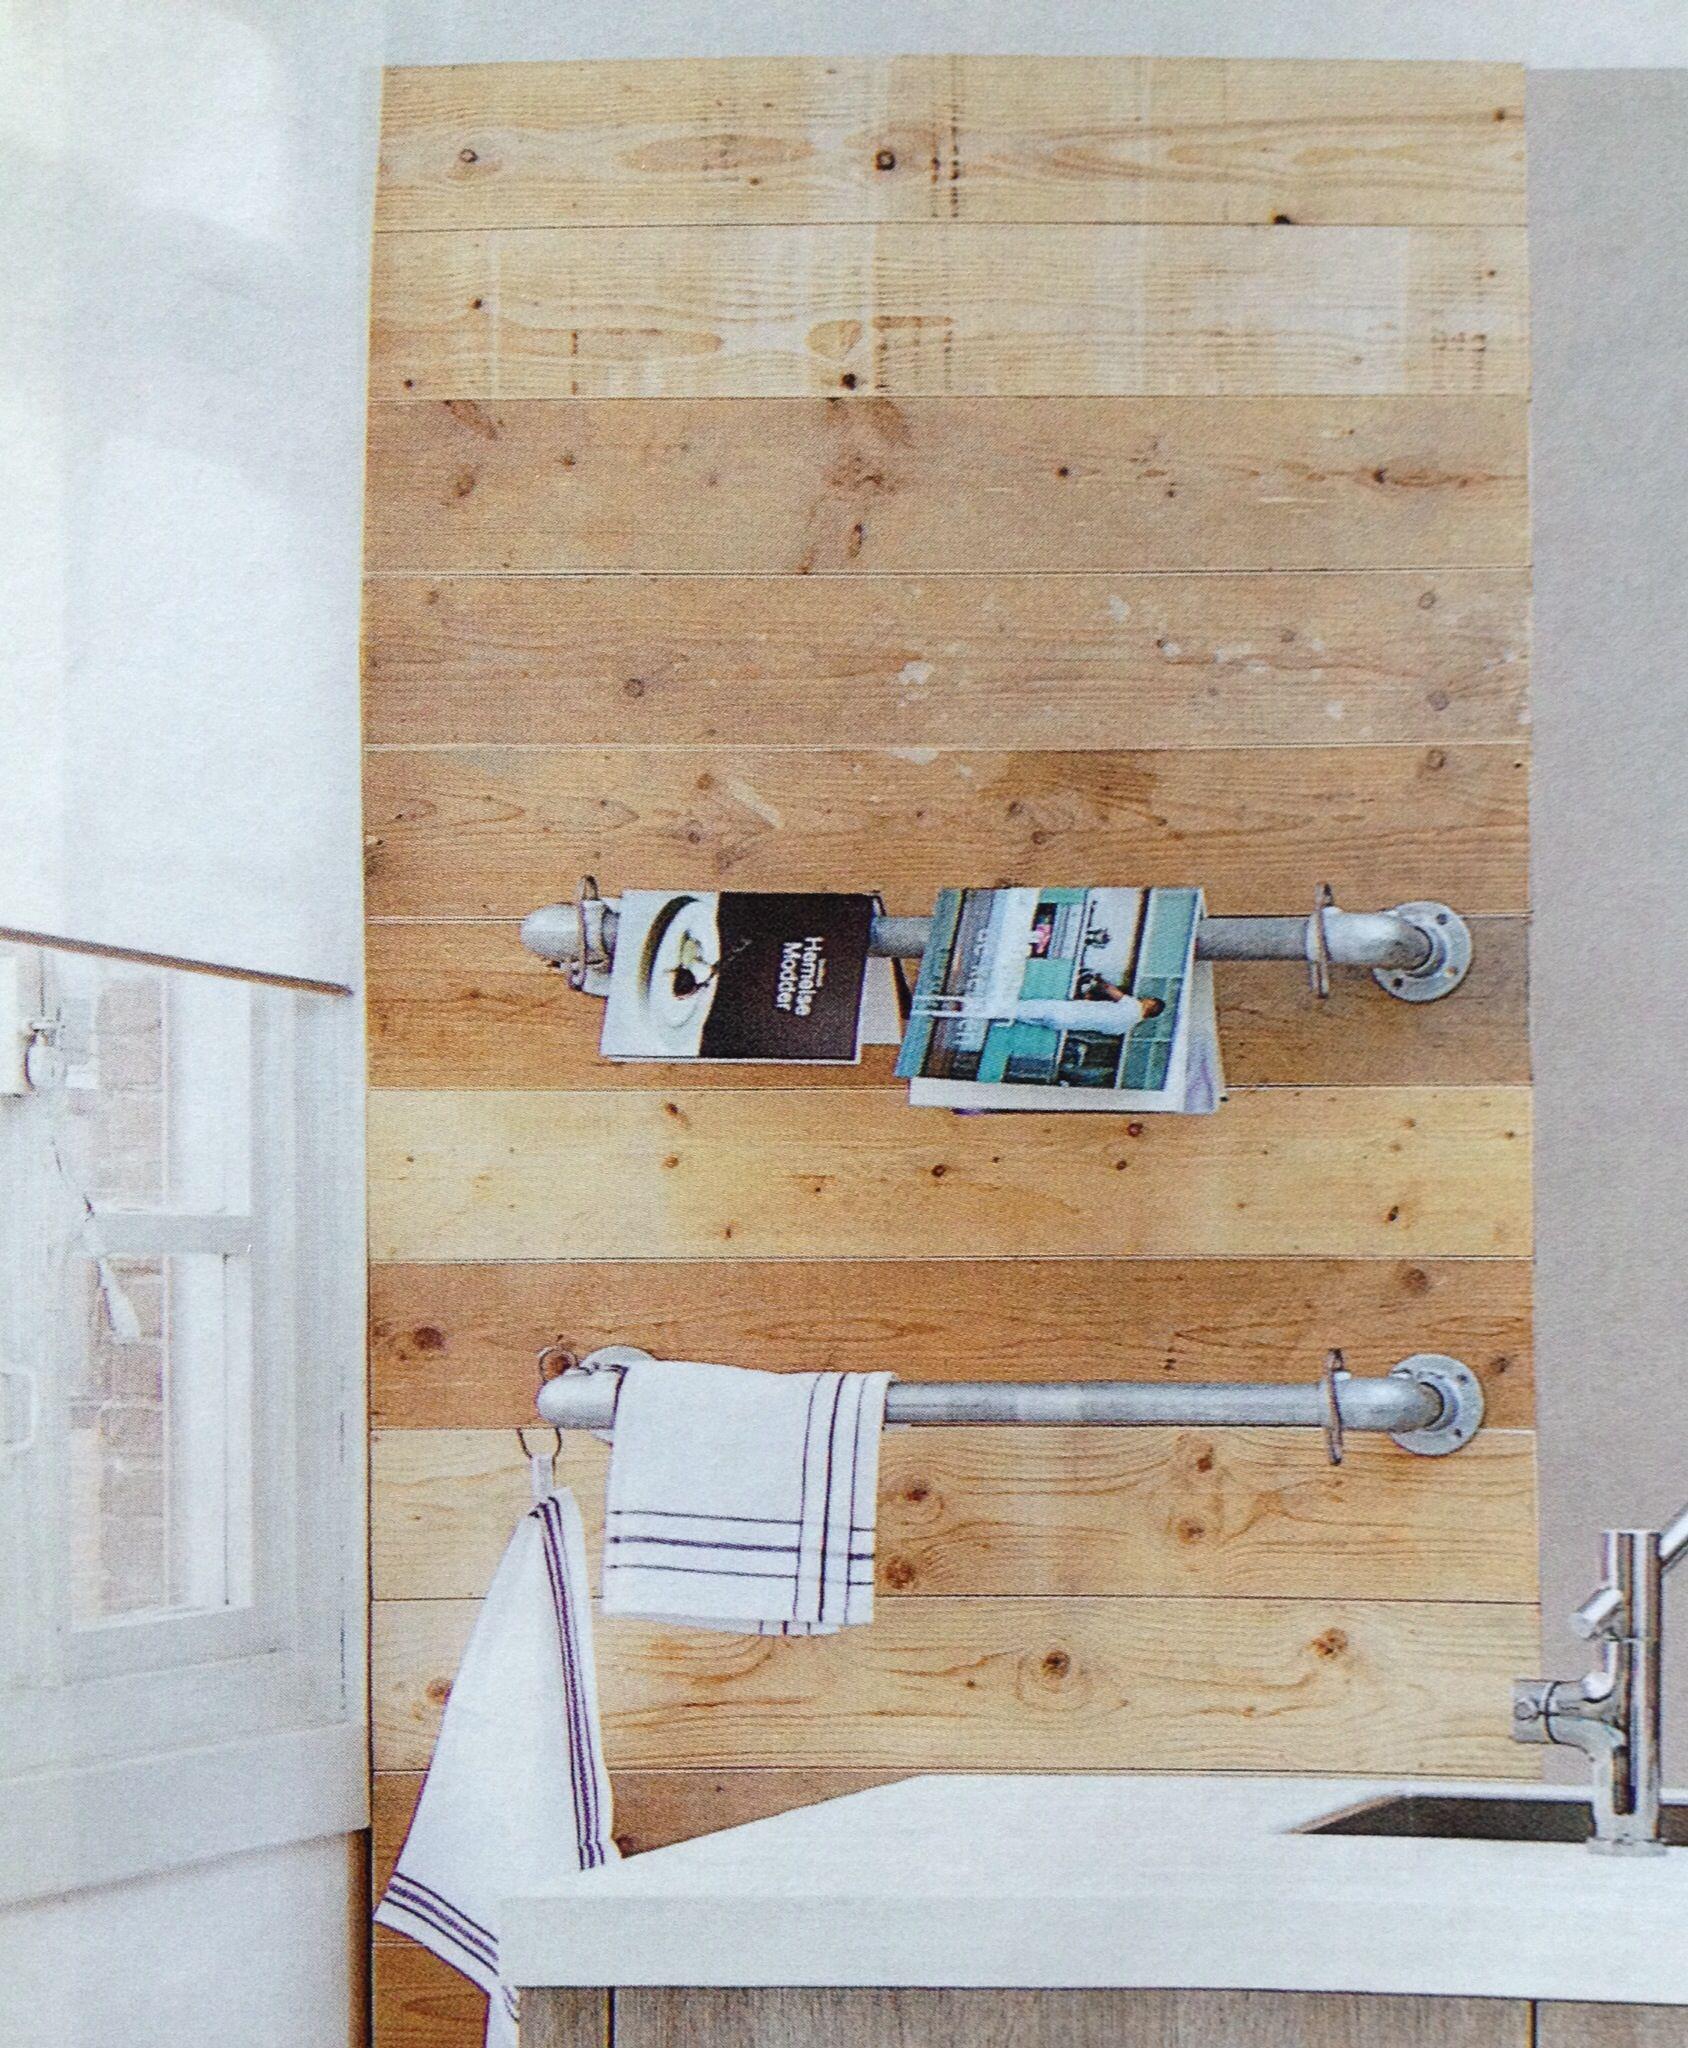 Handdoekenrek Voor Keuken : Handdoekenrek voor in de keuken Home is where the heart is Pinter